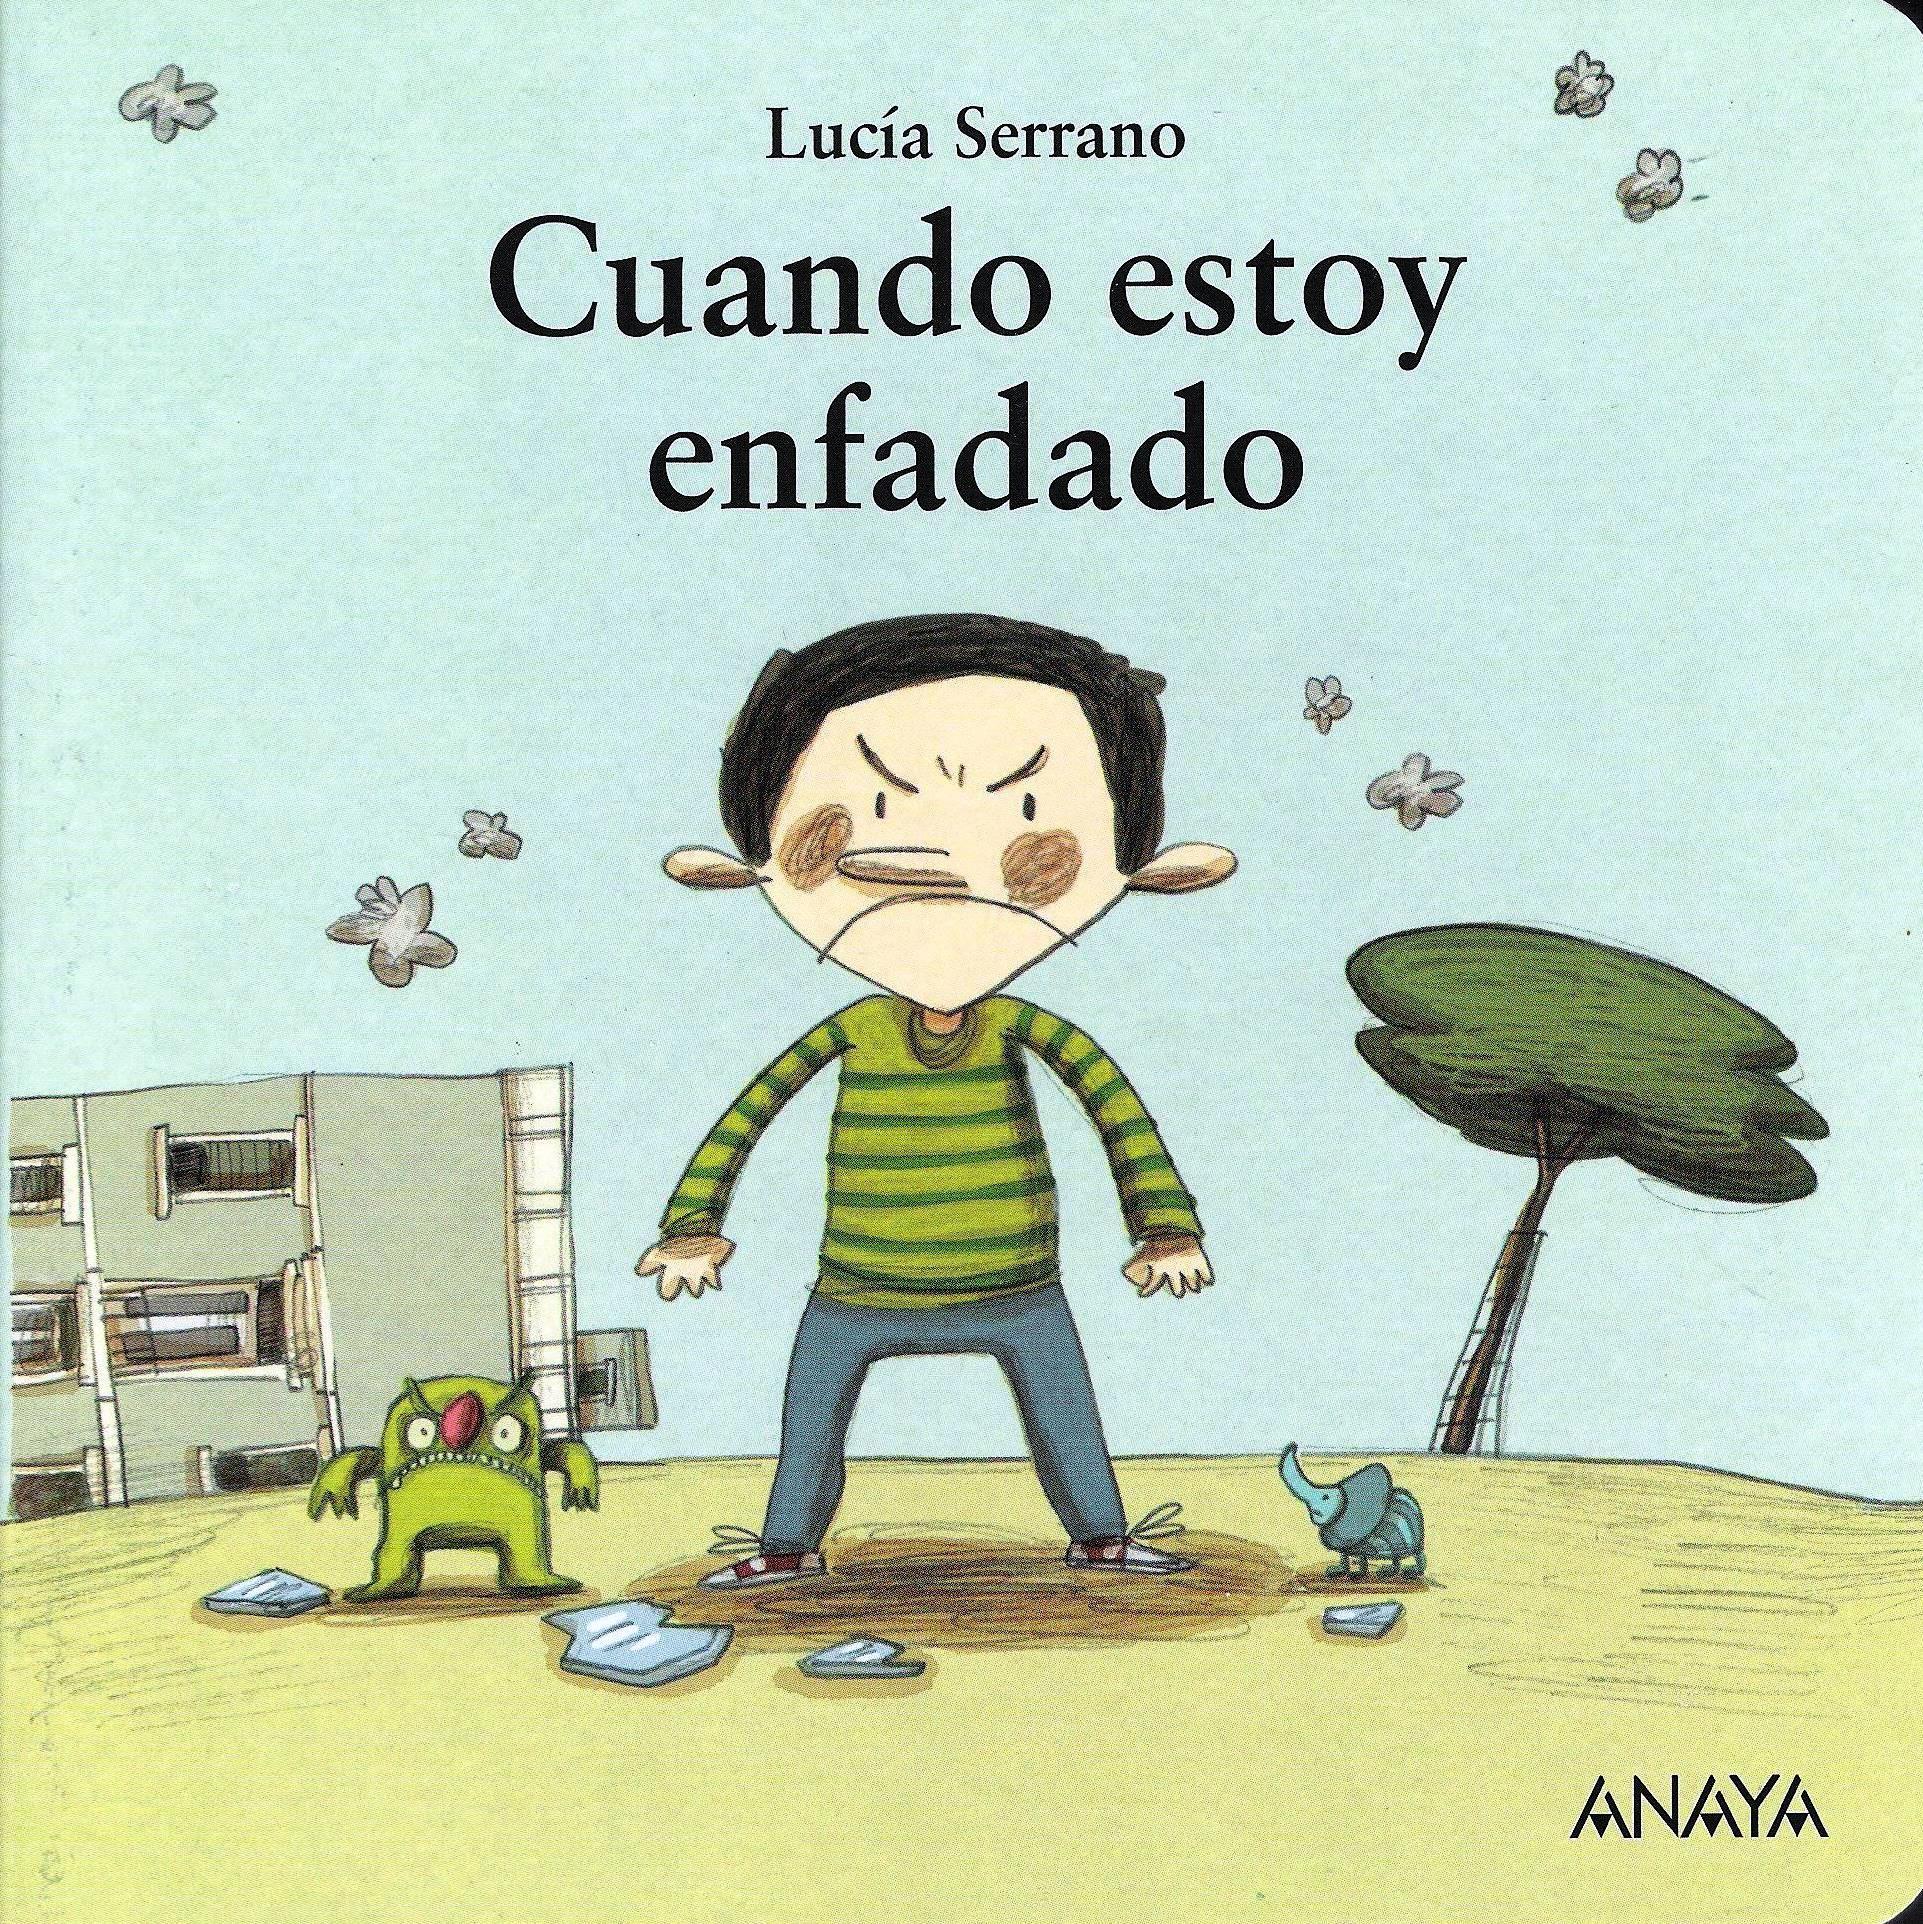 """""""Cuando estoy enfadado"""", de Lucía Serrano. Publicado por Anaya. Finalista del Premio Fundación Cuatrogatos 2014."""